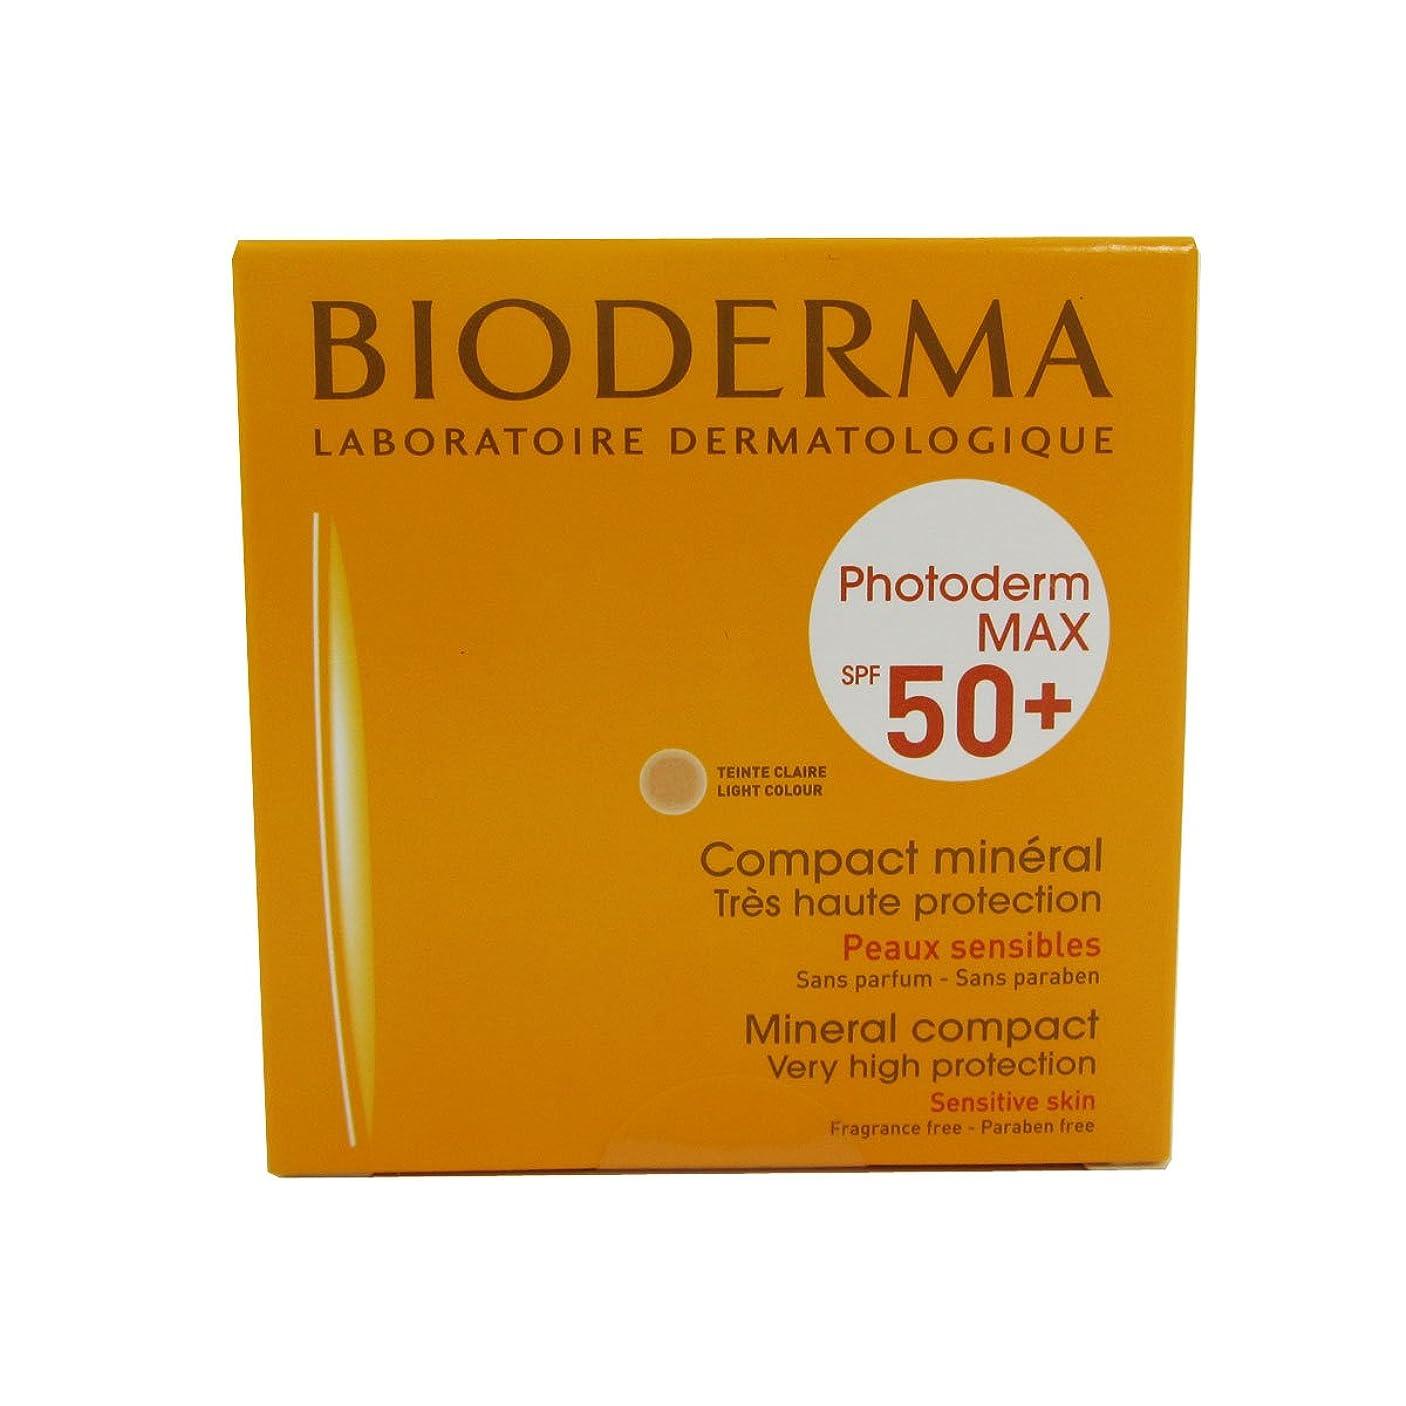 マトリックス好み羊飼いBioderma Photoderm Max Compact Mineral 50+ Light 10g [並行輸入品]